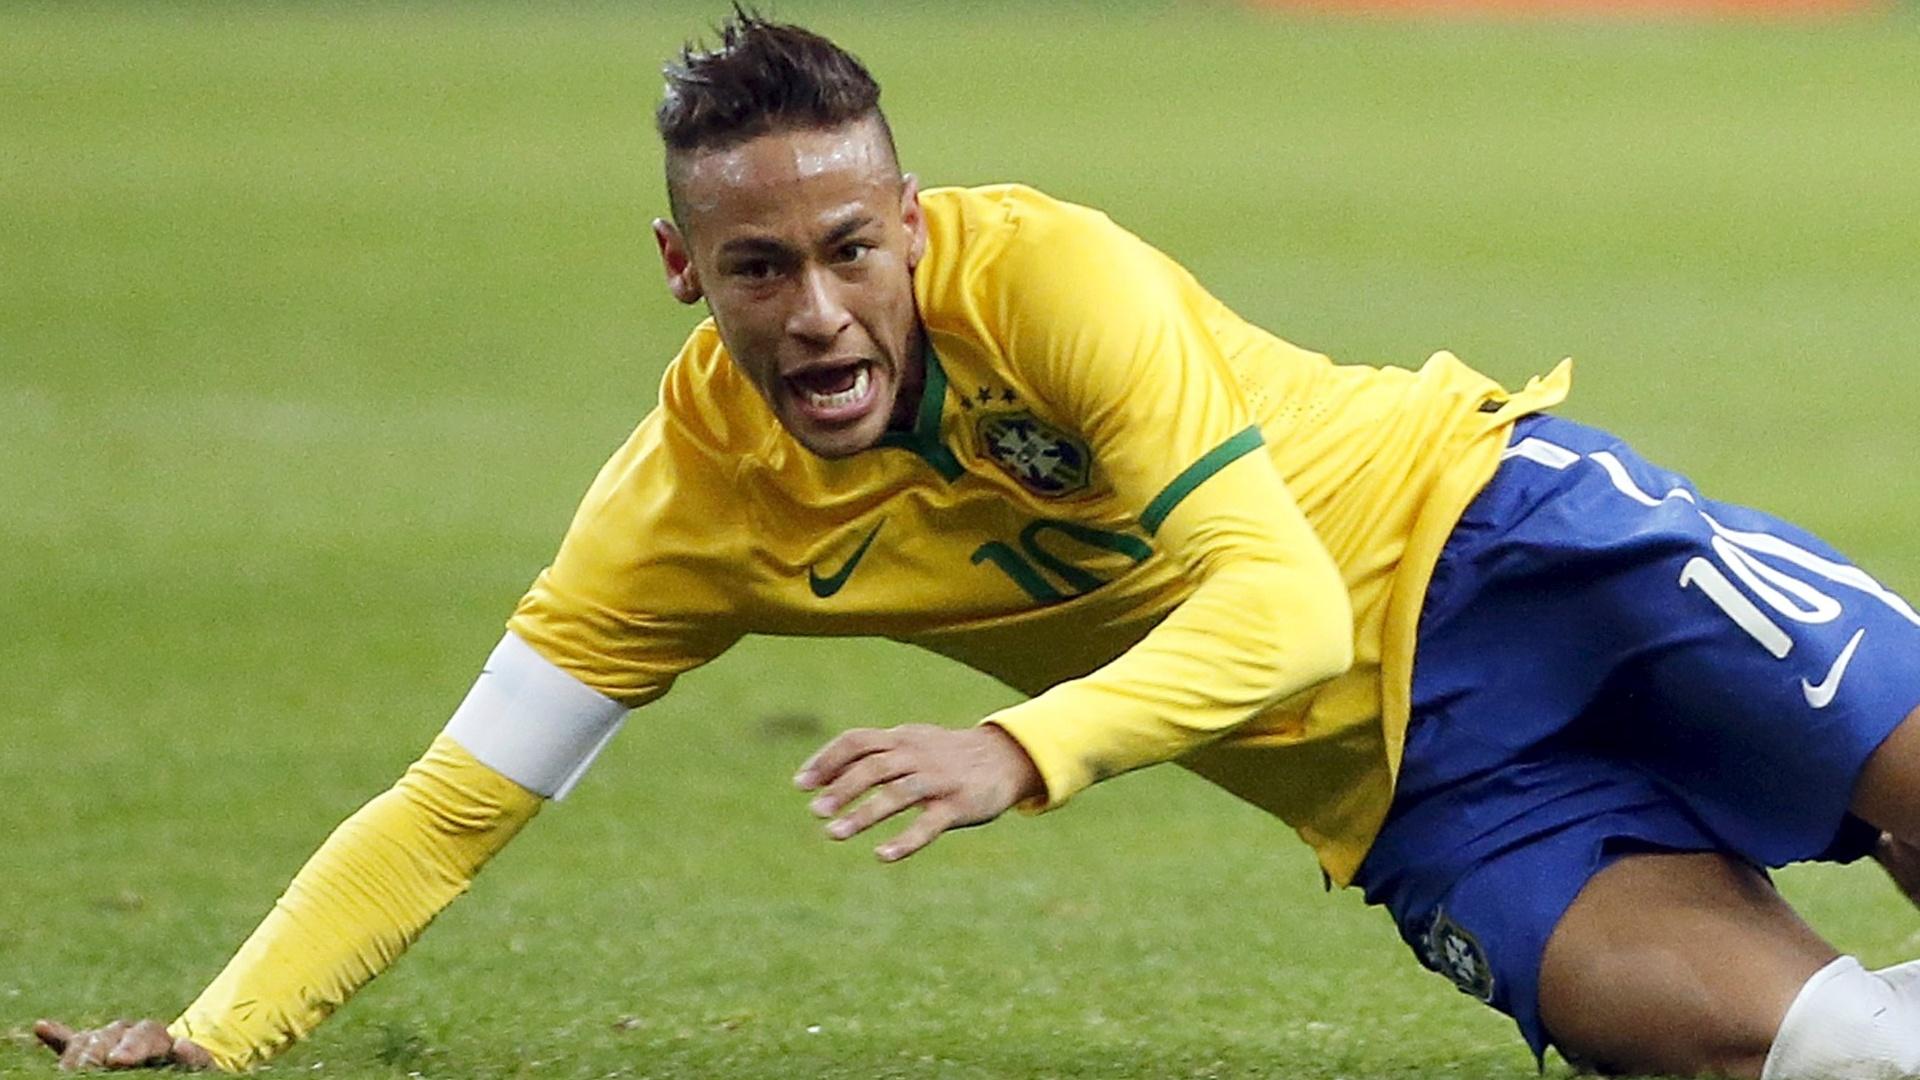 Neymar, com uma marca branca na testa, em ação no amistoso entre França e Brasil